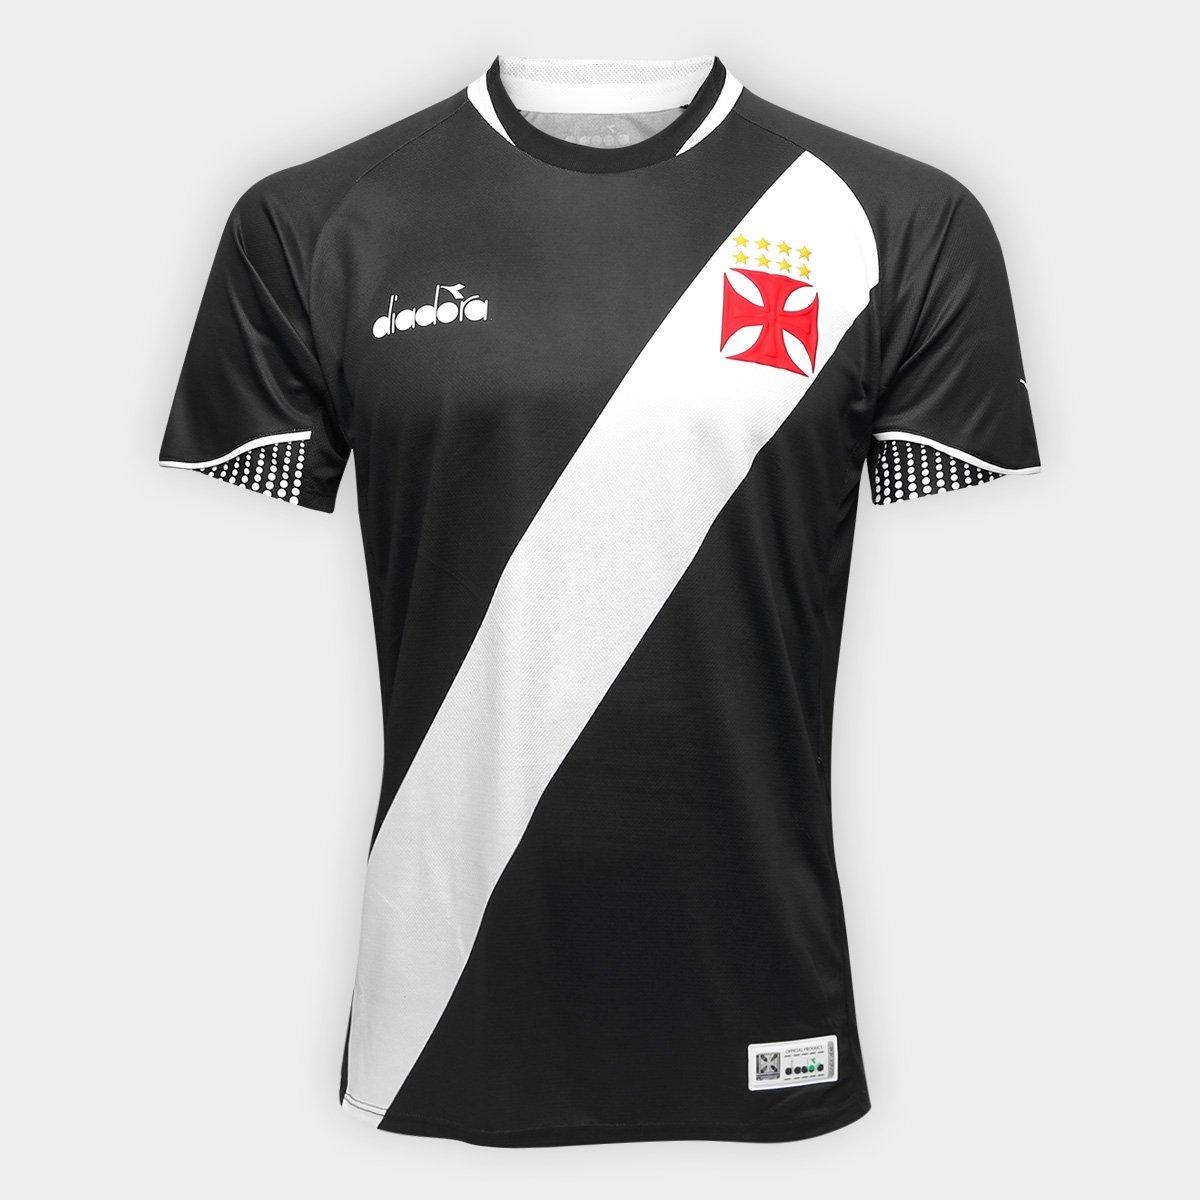 0f95af6878 Camisa Vasco I 2018 s n° Jogador Diadora Masculina